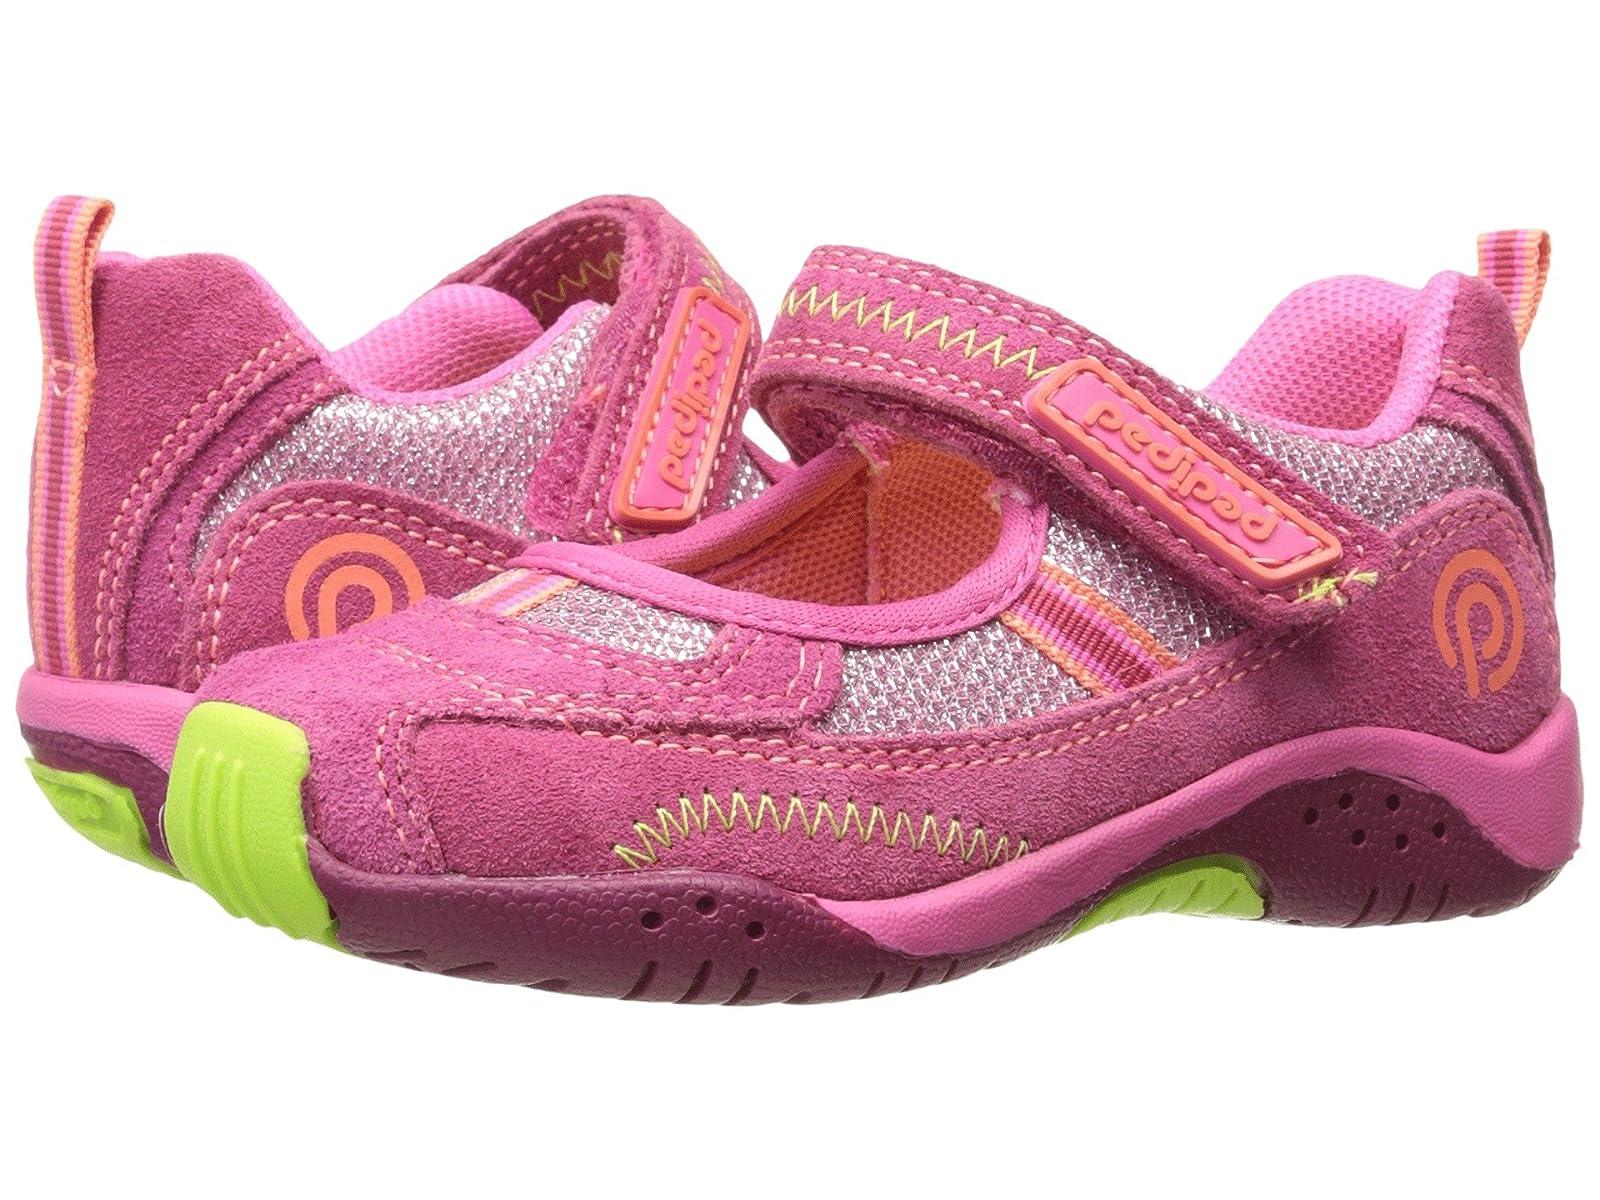 pediped Dakota Flex (Toddler/Little Kid/Big Kid)Atmospheric grades have affordable shoes